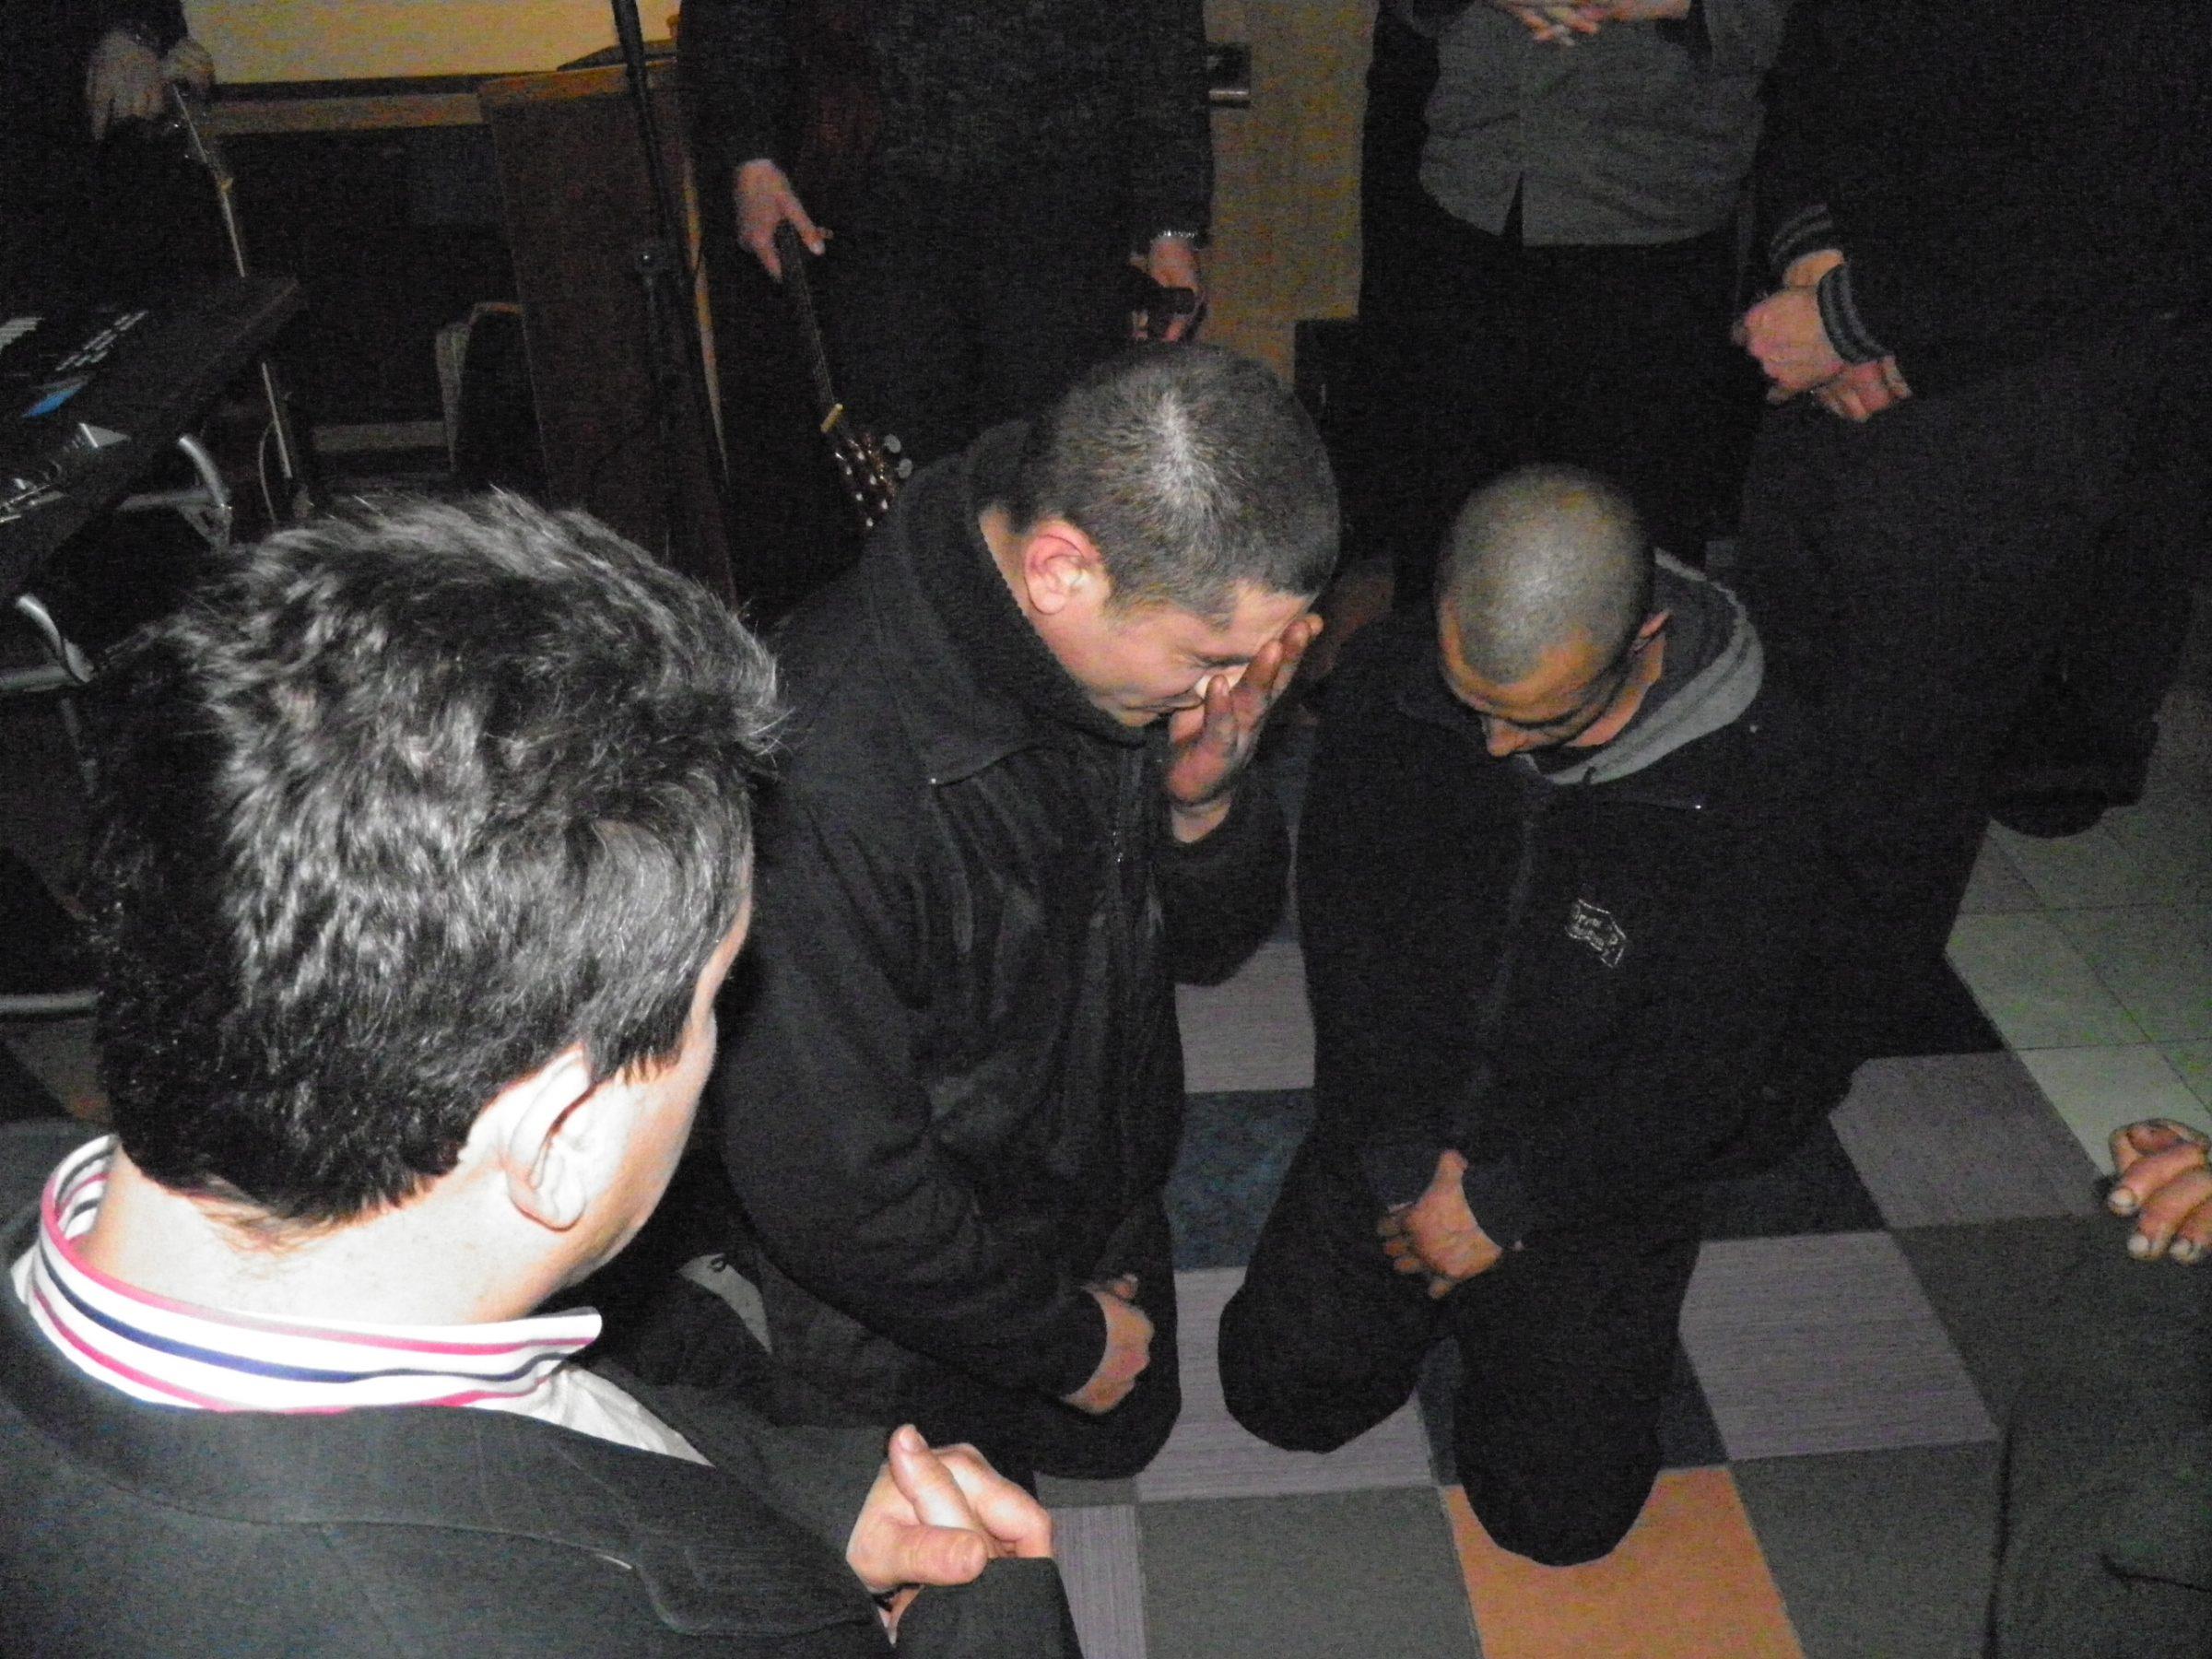 Andrei kwam twee maanden geleden tot geloof. Hij verblijft in een extra beveiligde gevangenis In Oekraïne omdat hij een moord heeft gepleegd. In de gevangenis is er een speciale vleugel. Hier zitten de gevangenen voor zeer zware vergrijpen, dat is de plek waar Andrei zit. Nog niet zo lang geleden was Andrei ook in de […]